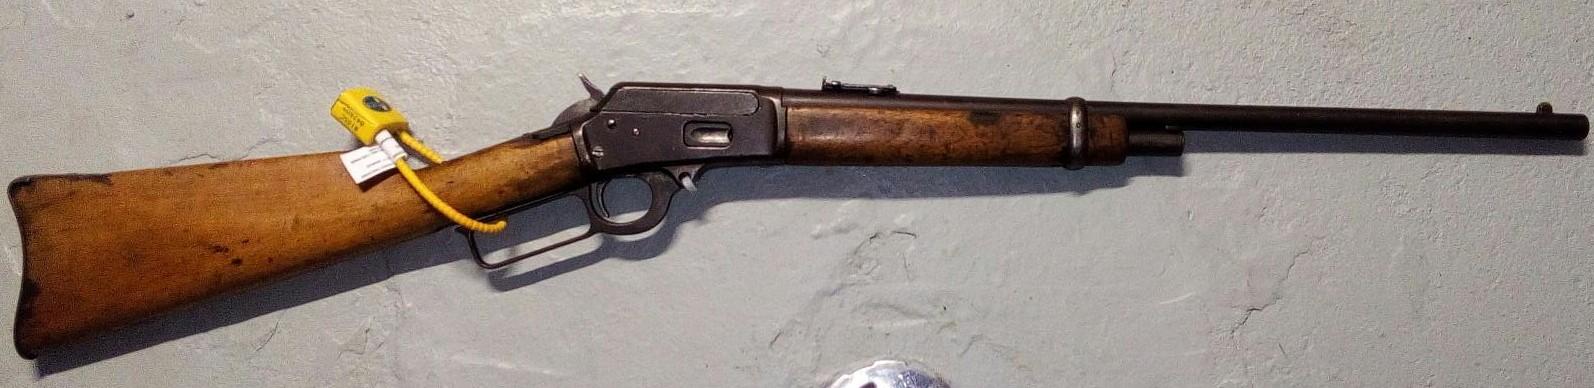 Marlin 1894 carbine en 44-40  Marlin15